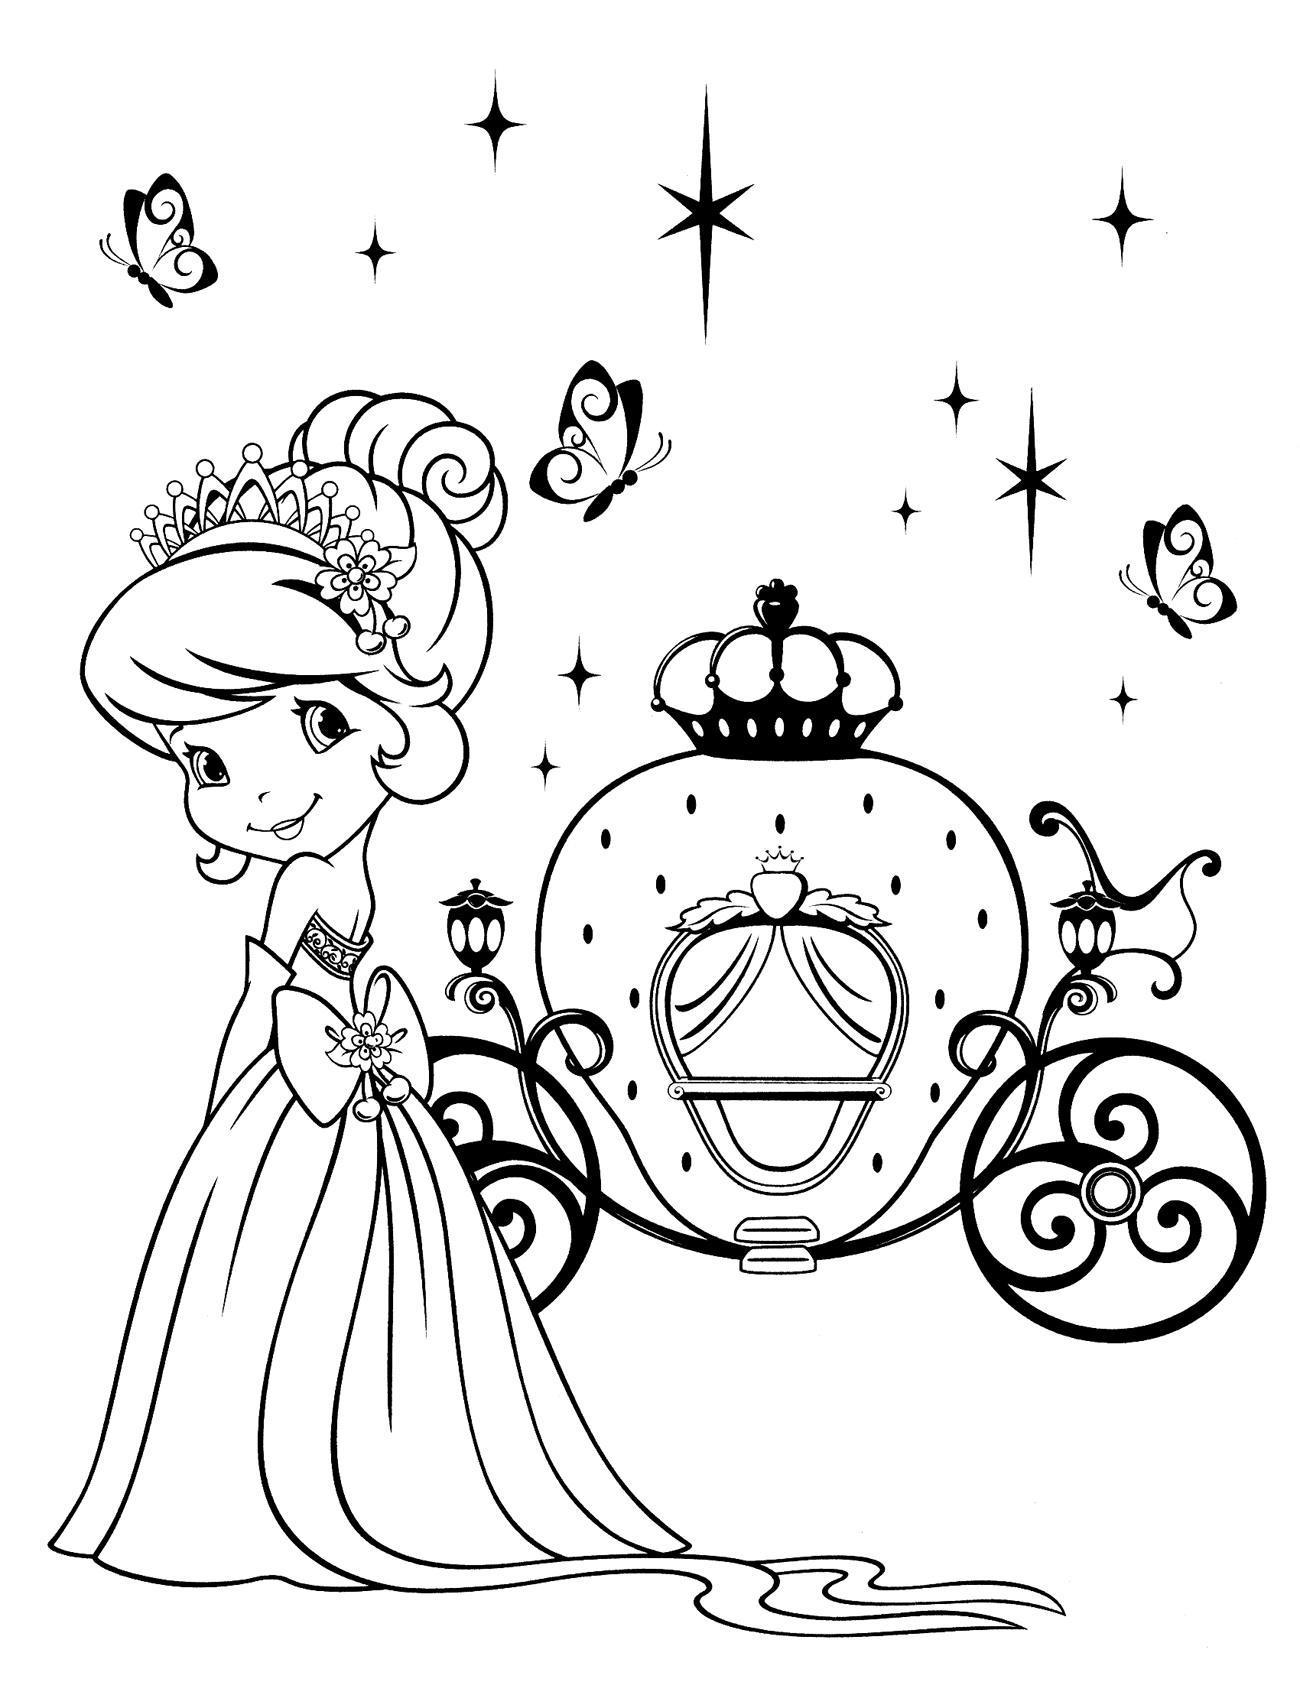 Принцесса возле кареты Раскраски для девочек онлайн